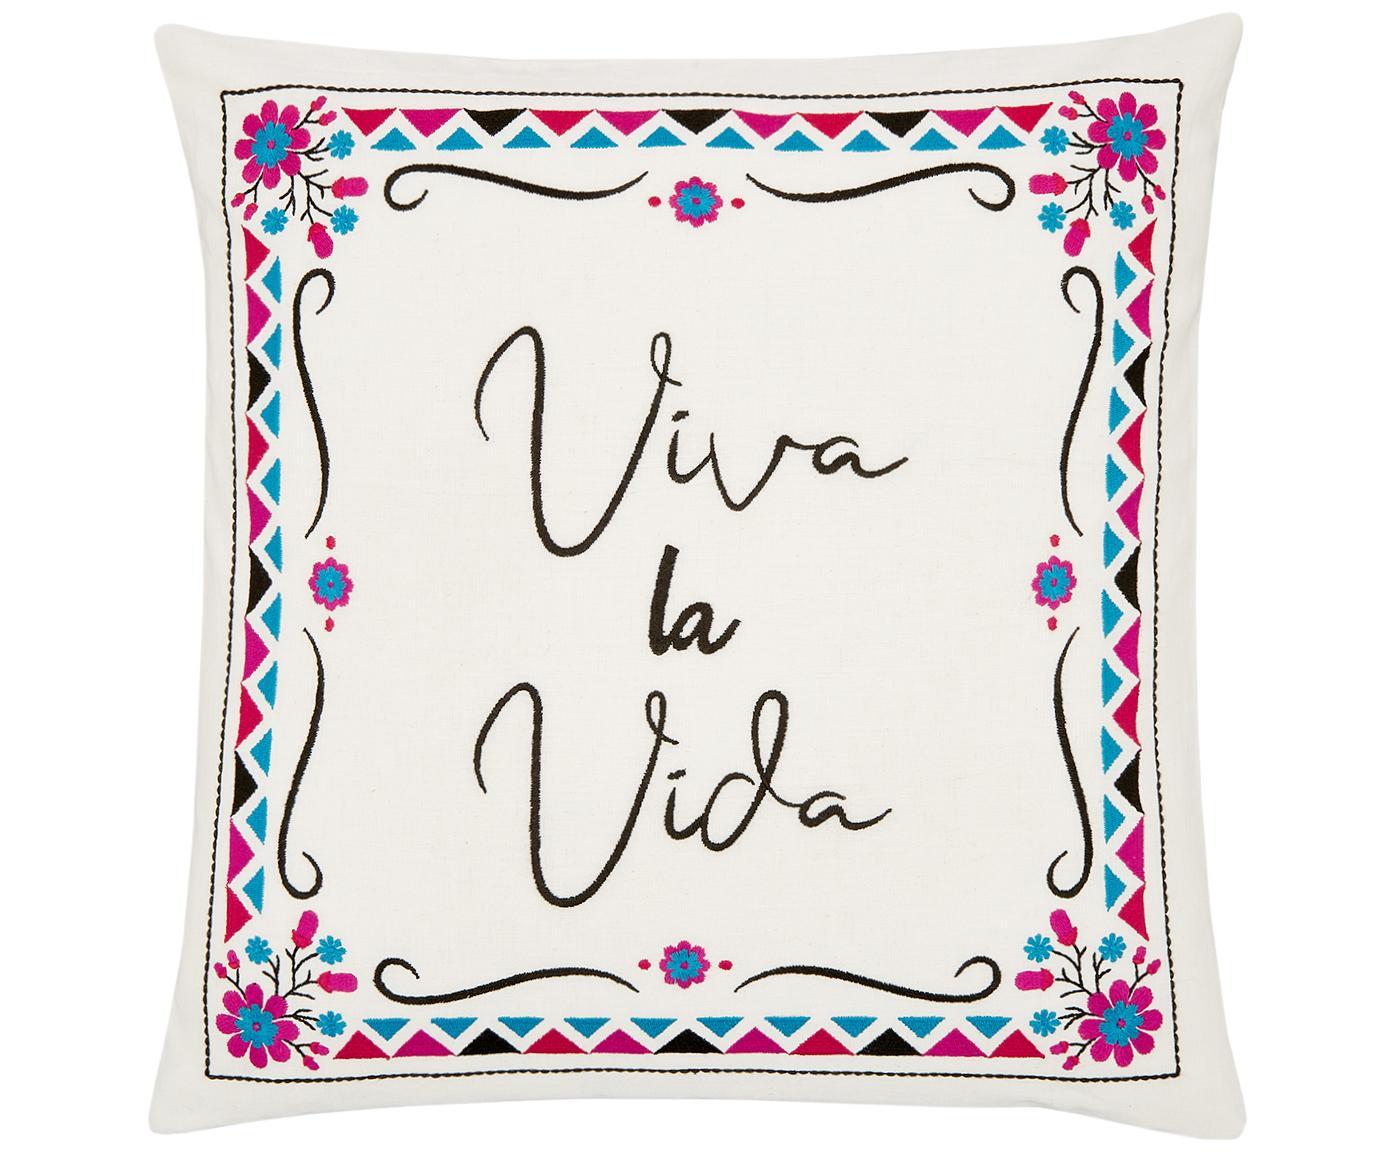 Kleurrijk geborduurde kussenhoes Viva la Vida, Katoen, Crèmewit, multicolour, 45 x 45 cm